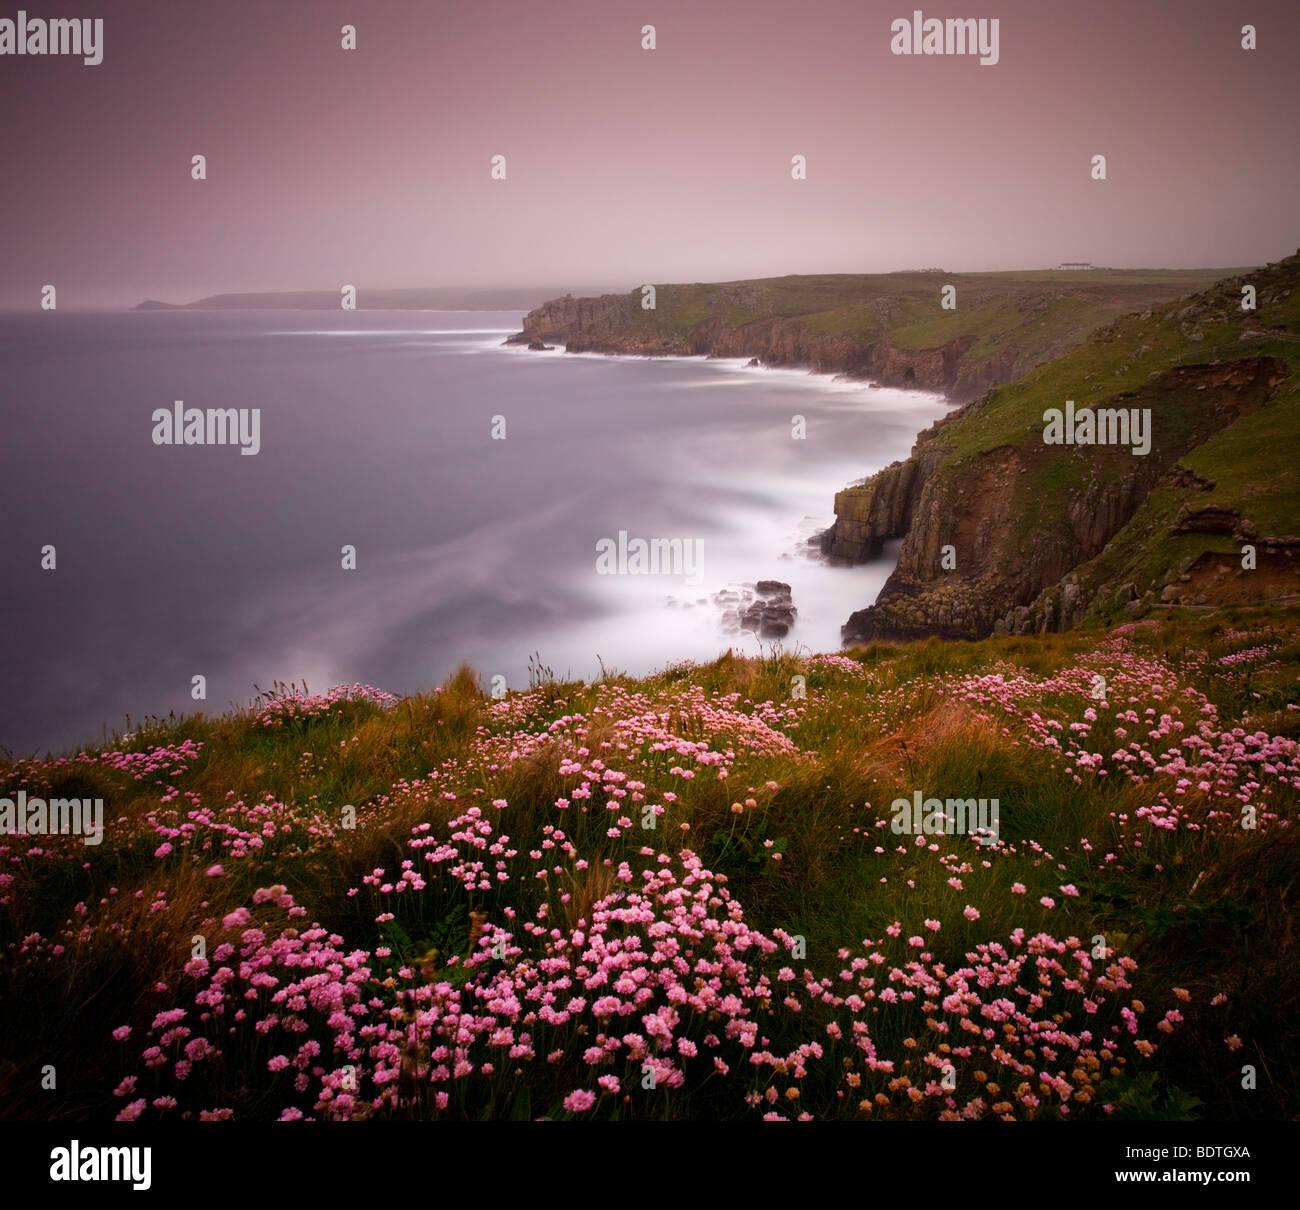 Mare parsimonia crescente sul clifftops sopra Land's End, Cornwall, Inghilterra. Molla (maggio) 2009 Foto Stock